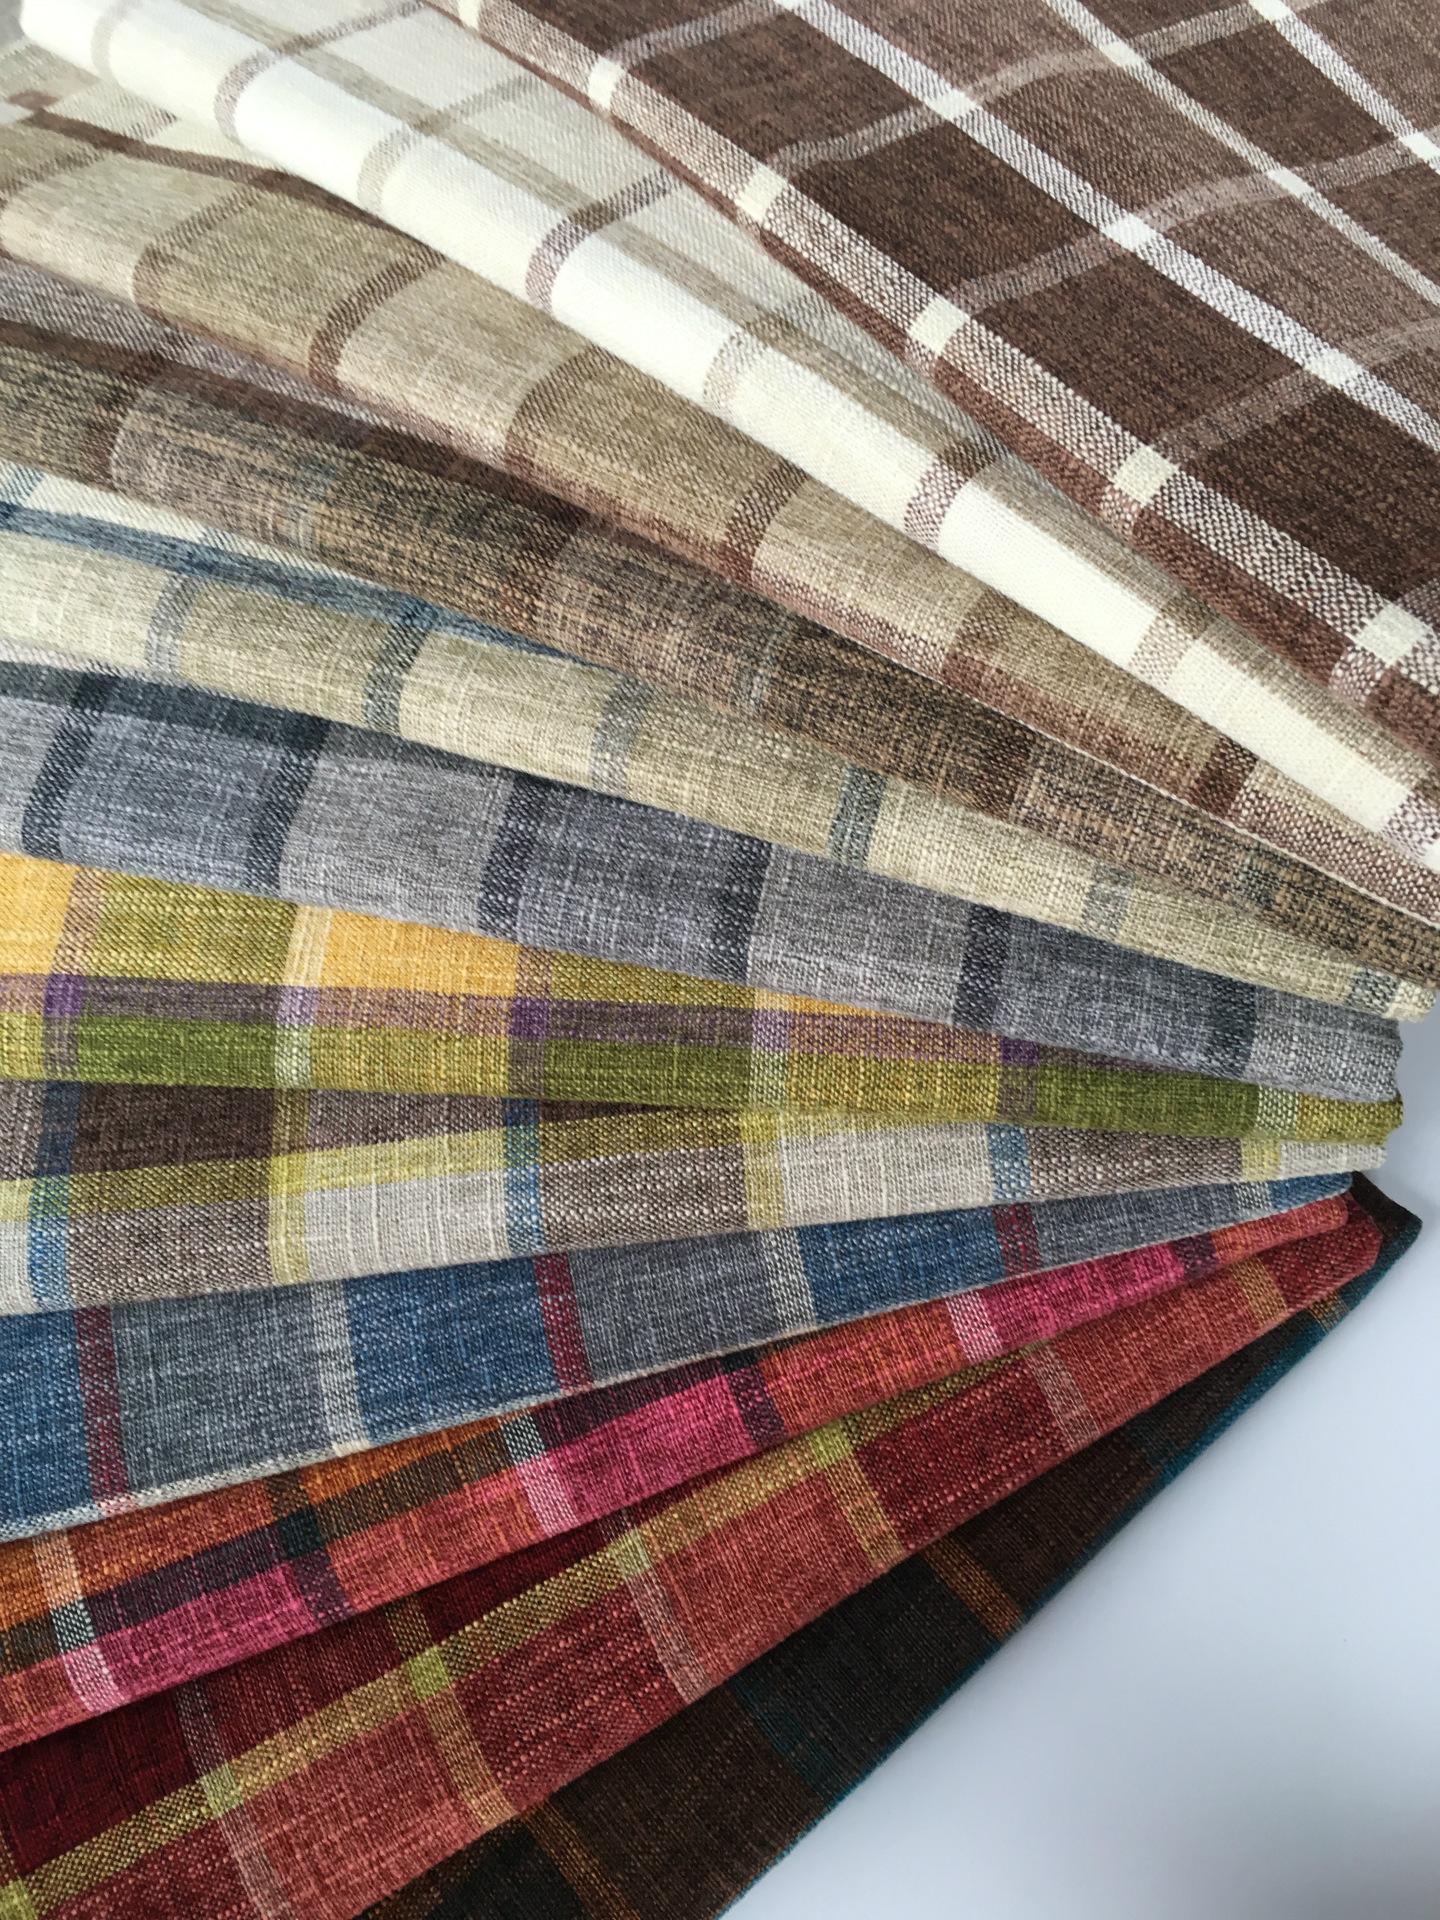 Cotton linen linen dày chịu mài mòn pha trộn linen sofa vải màu rắn sofa bìa gối bao gồm xe vải